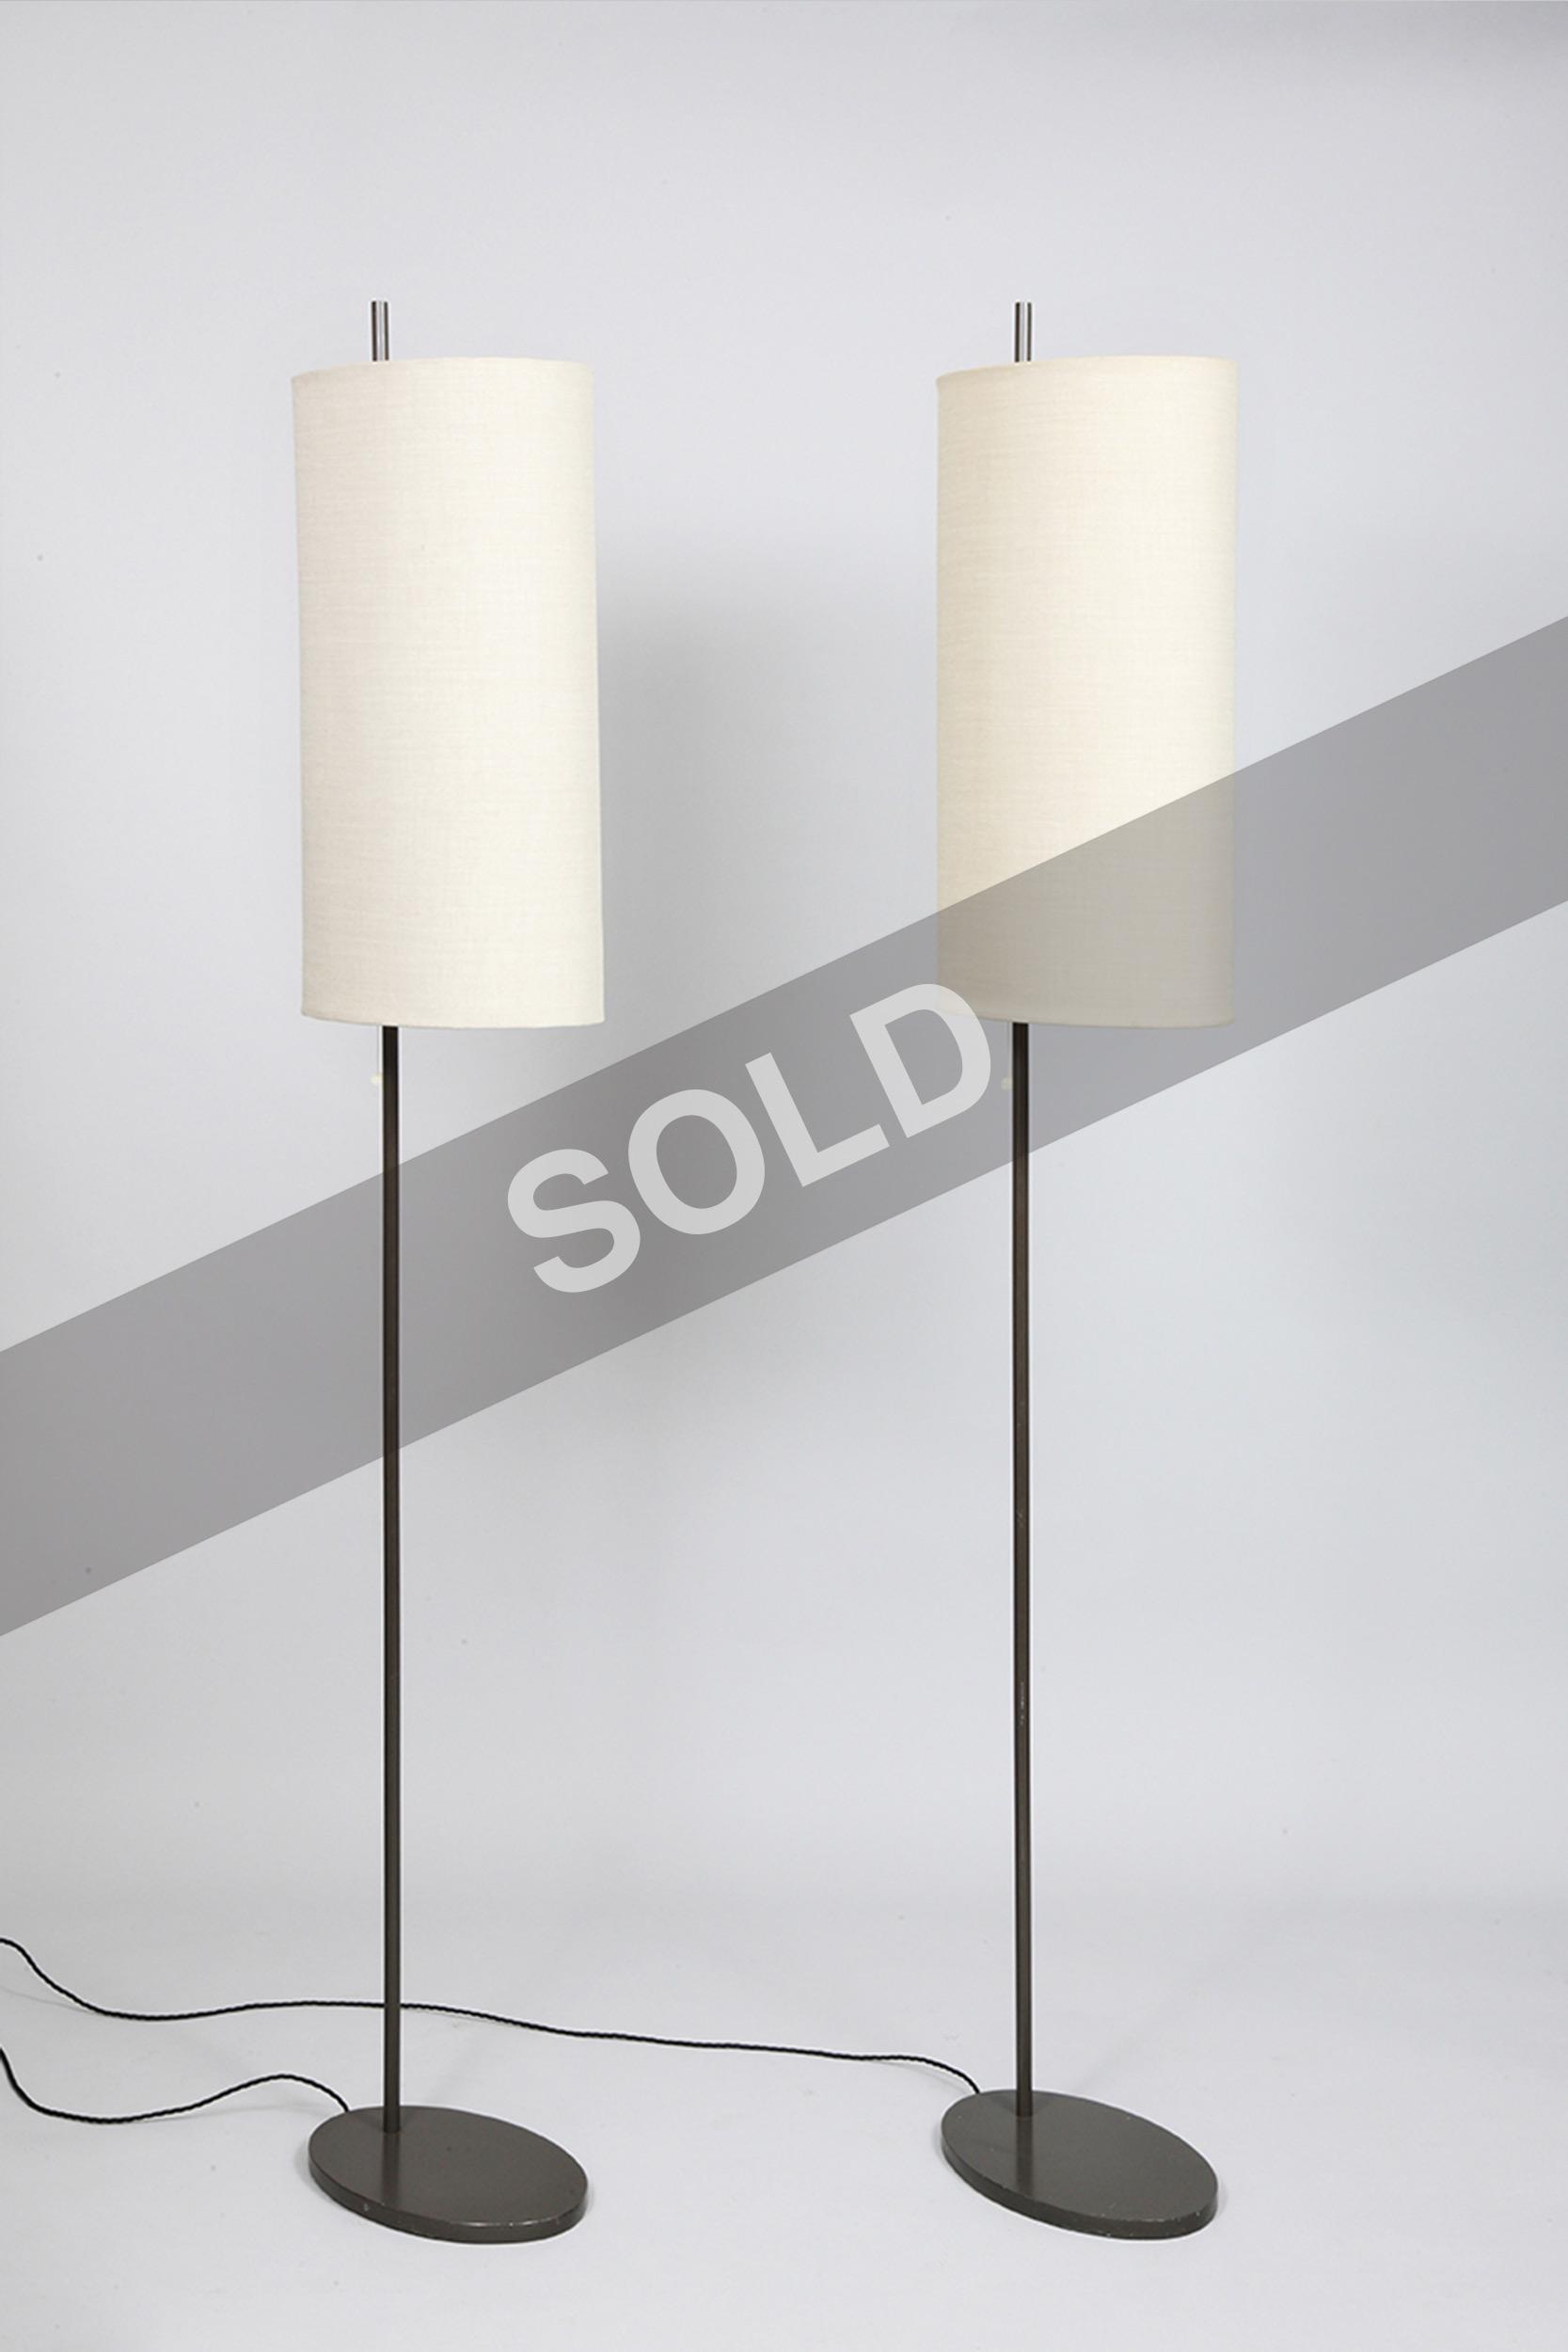 Arne Jacobsen floor lamps (sold)